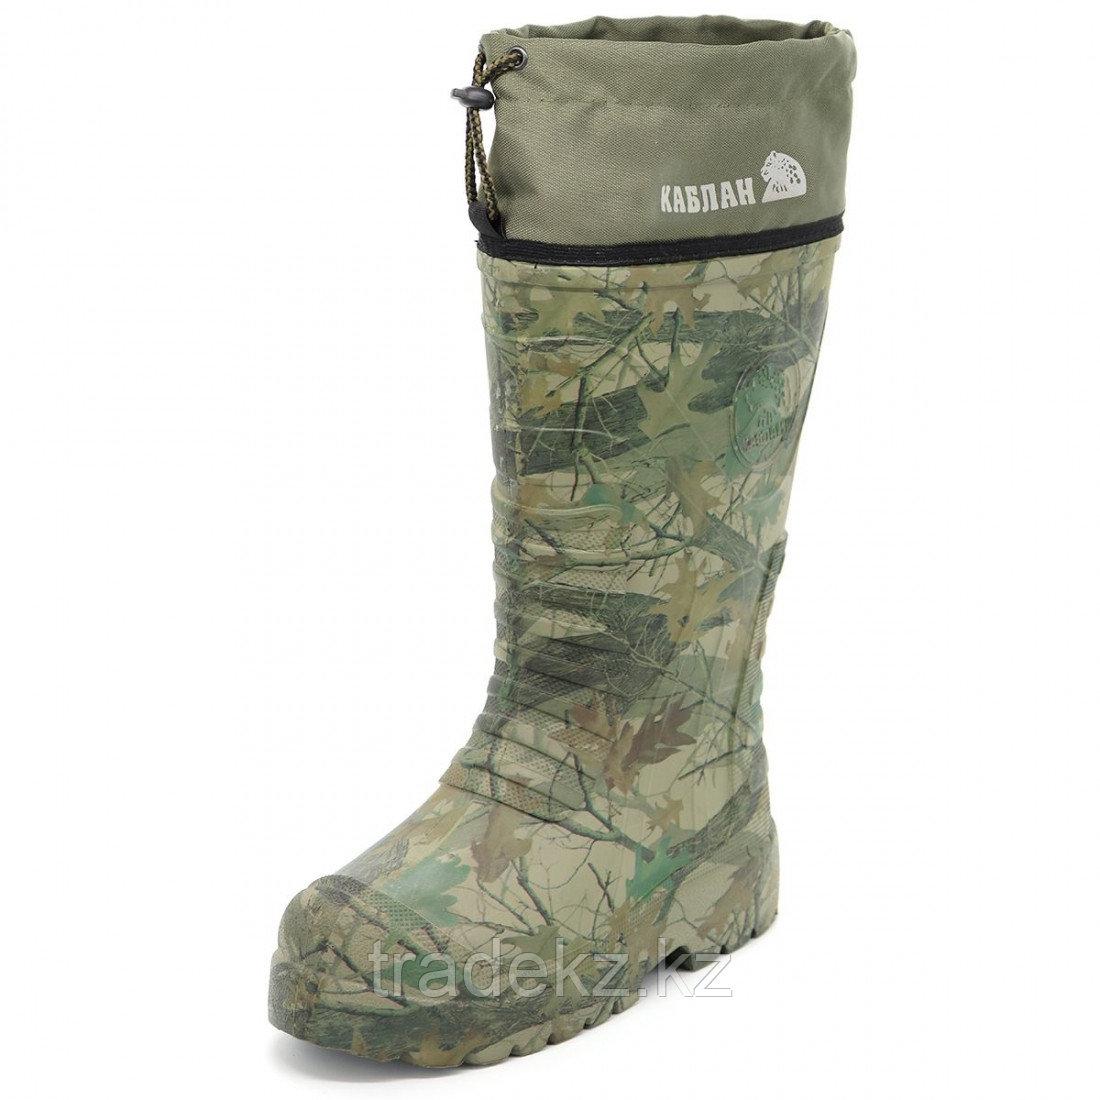 Обувь, сапоги для охоты и рыбалки EVASHOES КАБЛАН ПРИНТ (-55°C), лес, размер 46